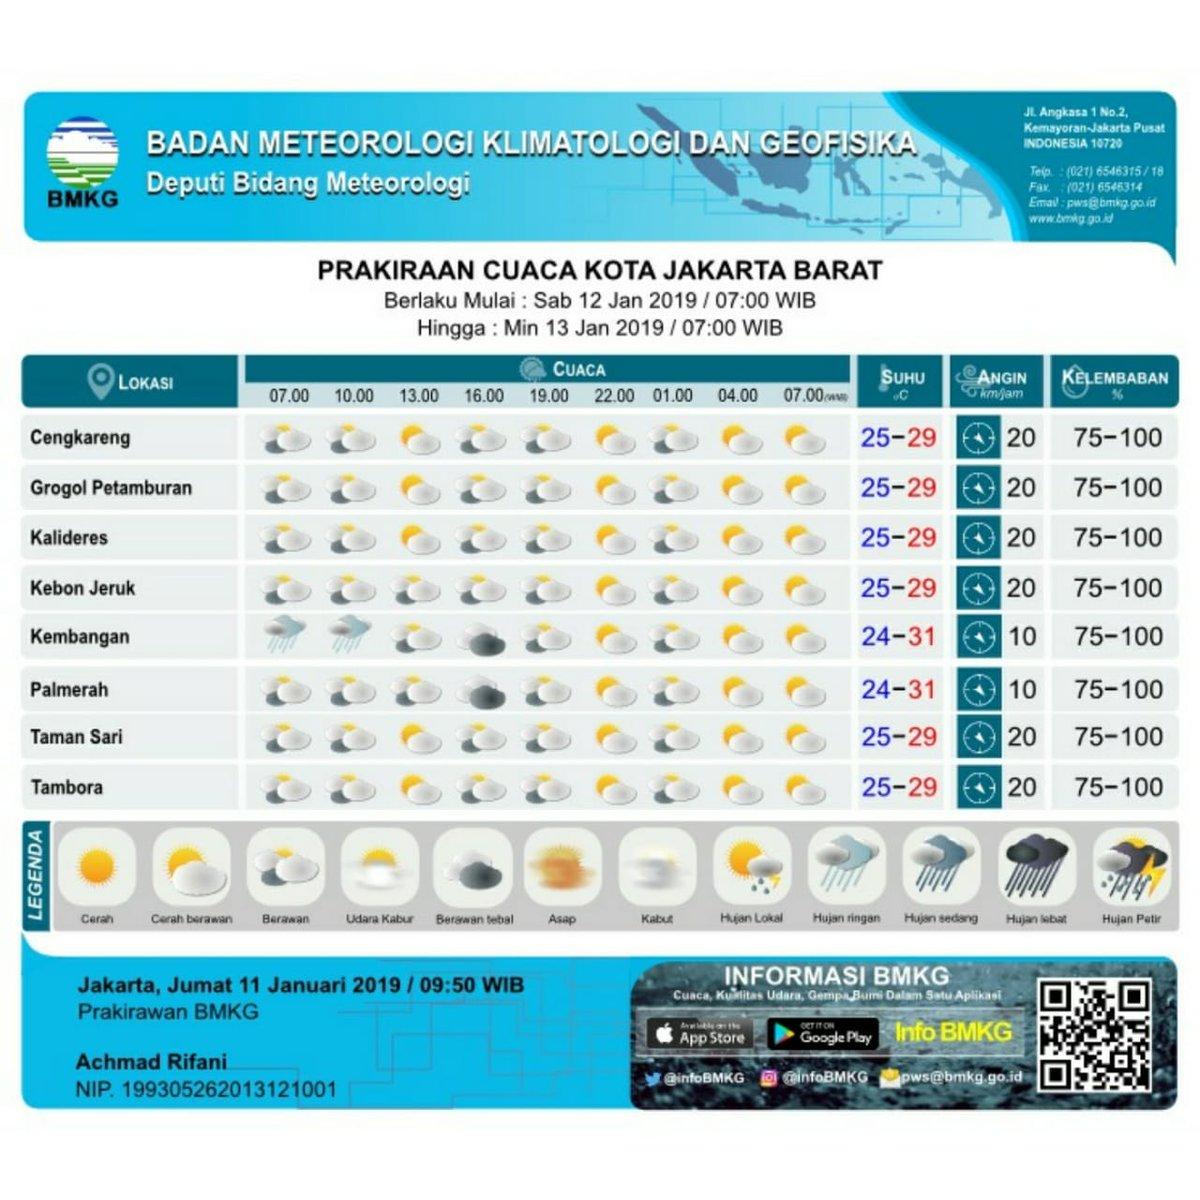 Bmkg در توییتر Berikut Prakiraan Cuaca Esok Hari Di Dki Jakarta Lainnya Untuk Kepulauann Seribu Dan Jakarta Utara